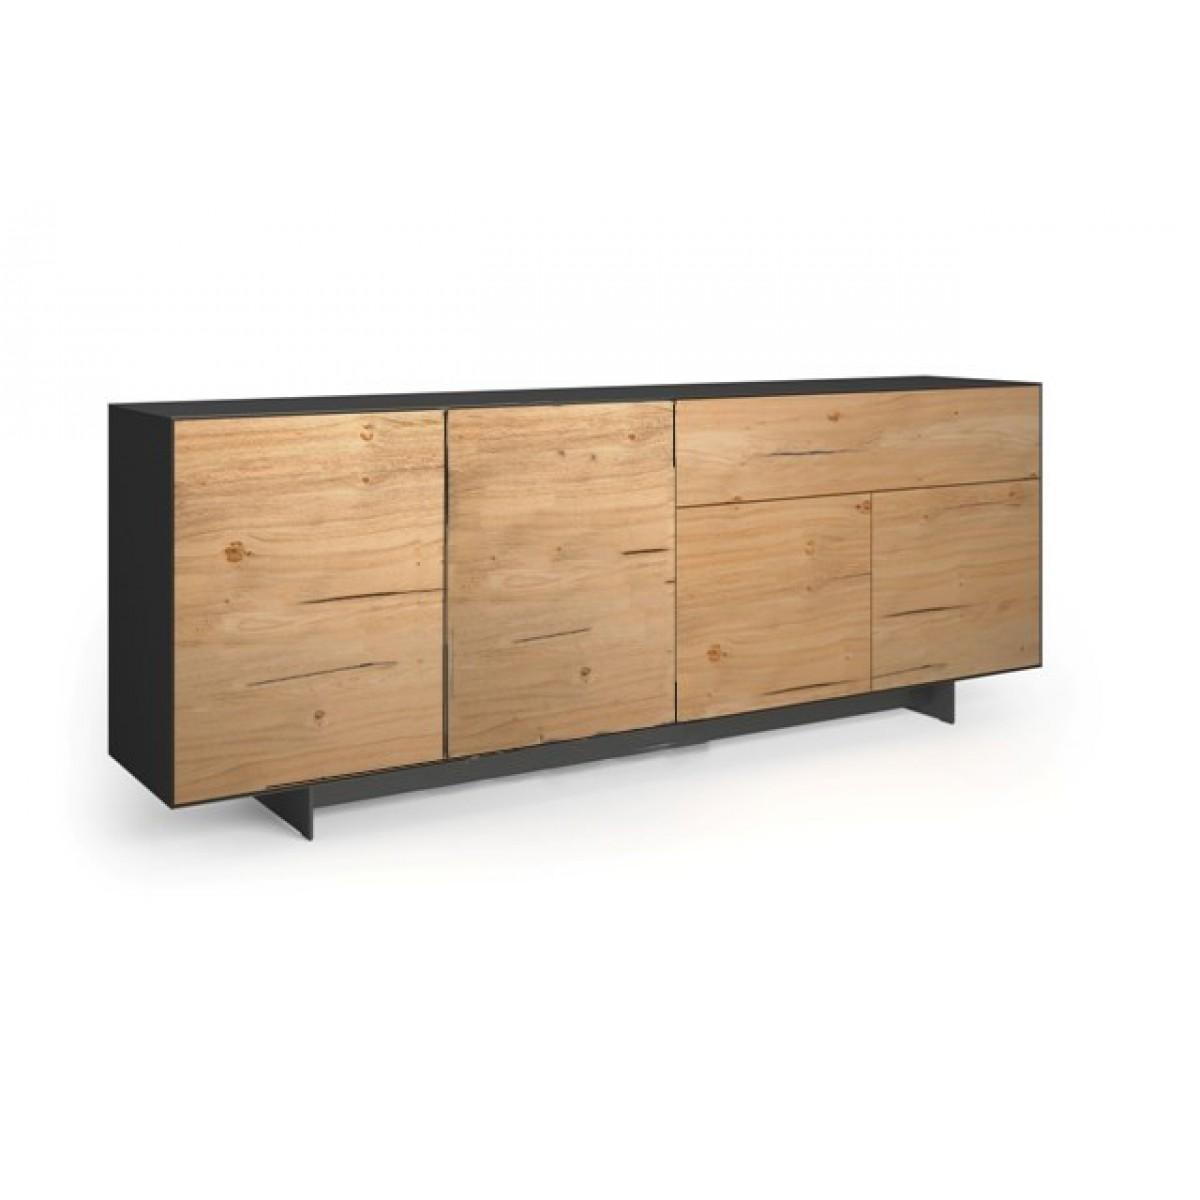 sideboard-dressoir-brooklyn-eiken-metaal-mintjens-BR18_S2-miltonhouse-